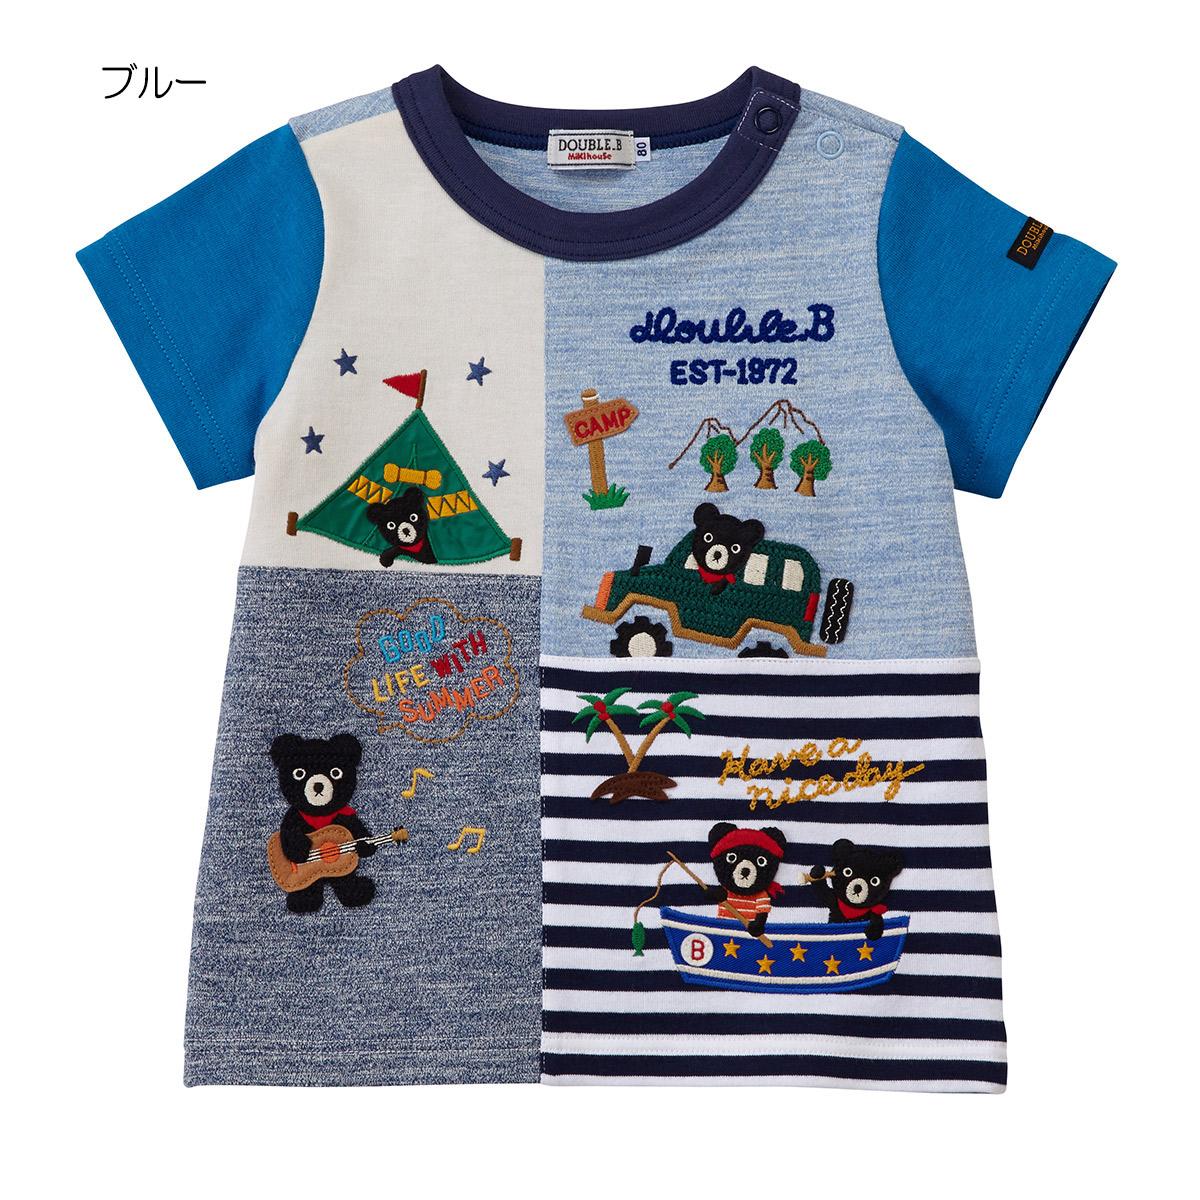 送料無料 SALE ミキハウス Tシャツ 80cm~100cm セール 6 3980円以上で送料無料 購入 国内 00:00 Tシャツ18000 START 28 市場